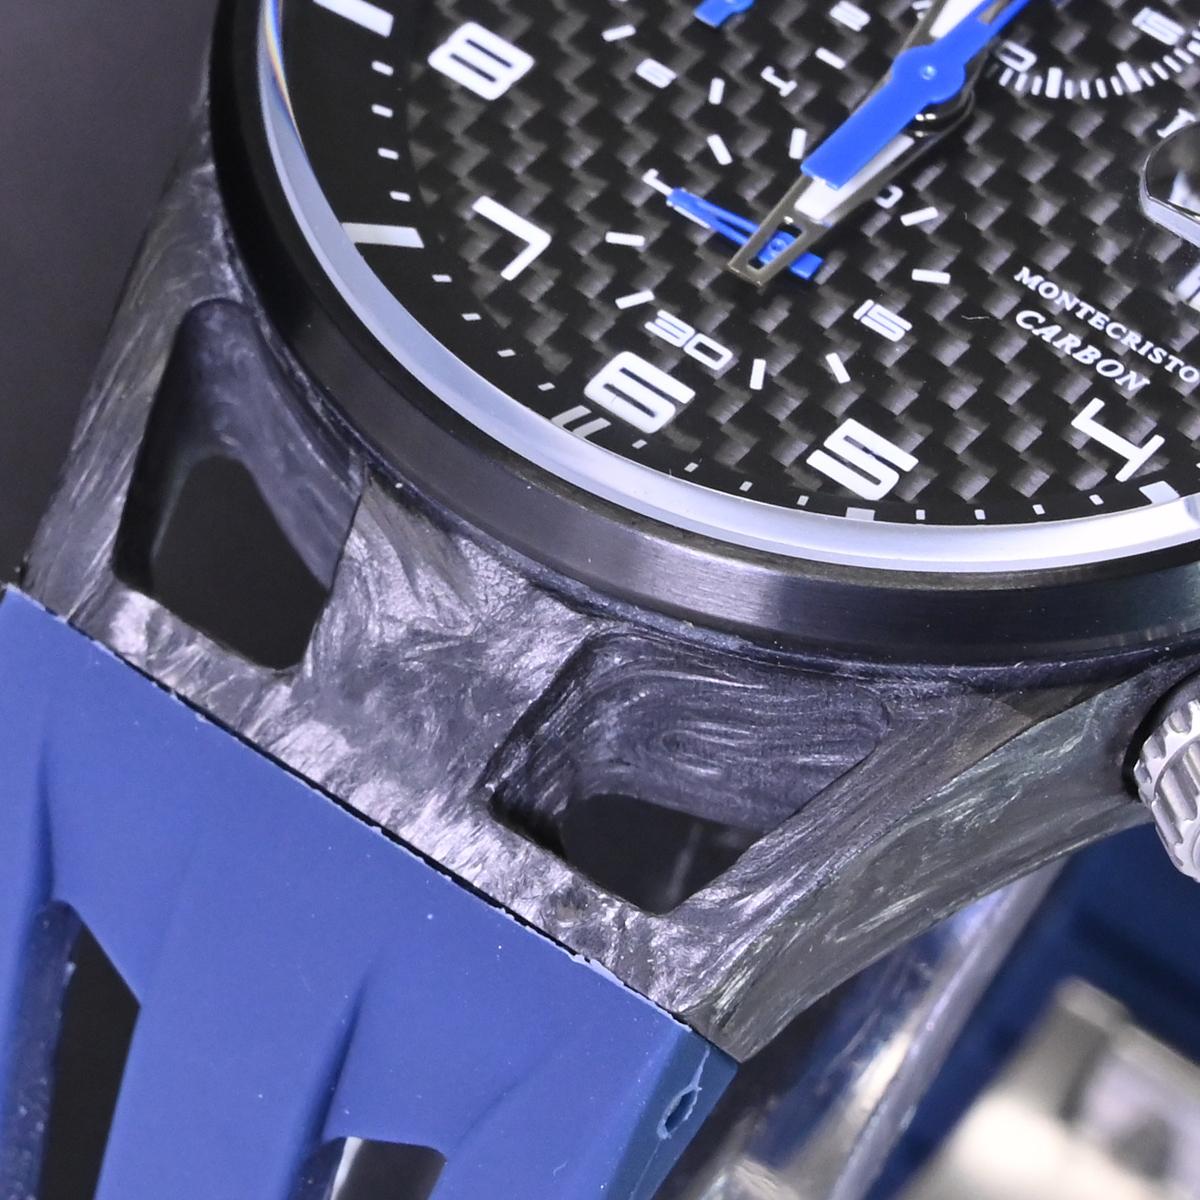 本物 新品 ロックマン 極希少 フォージドカーボン MONTECRISTO CARBON クロノグラフ メンズウォッチ 男性用腕時計 元箱 冊子付 LOCMAN_画像6